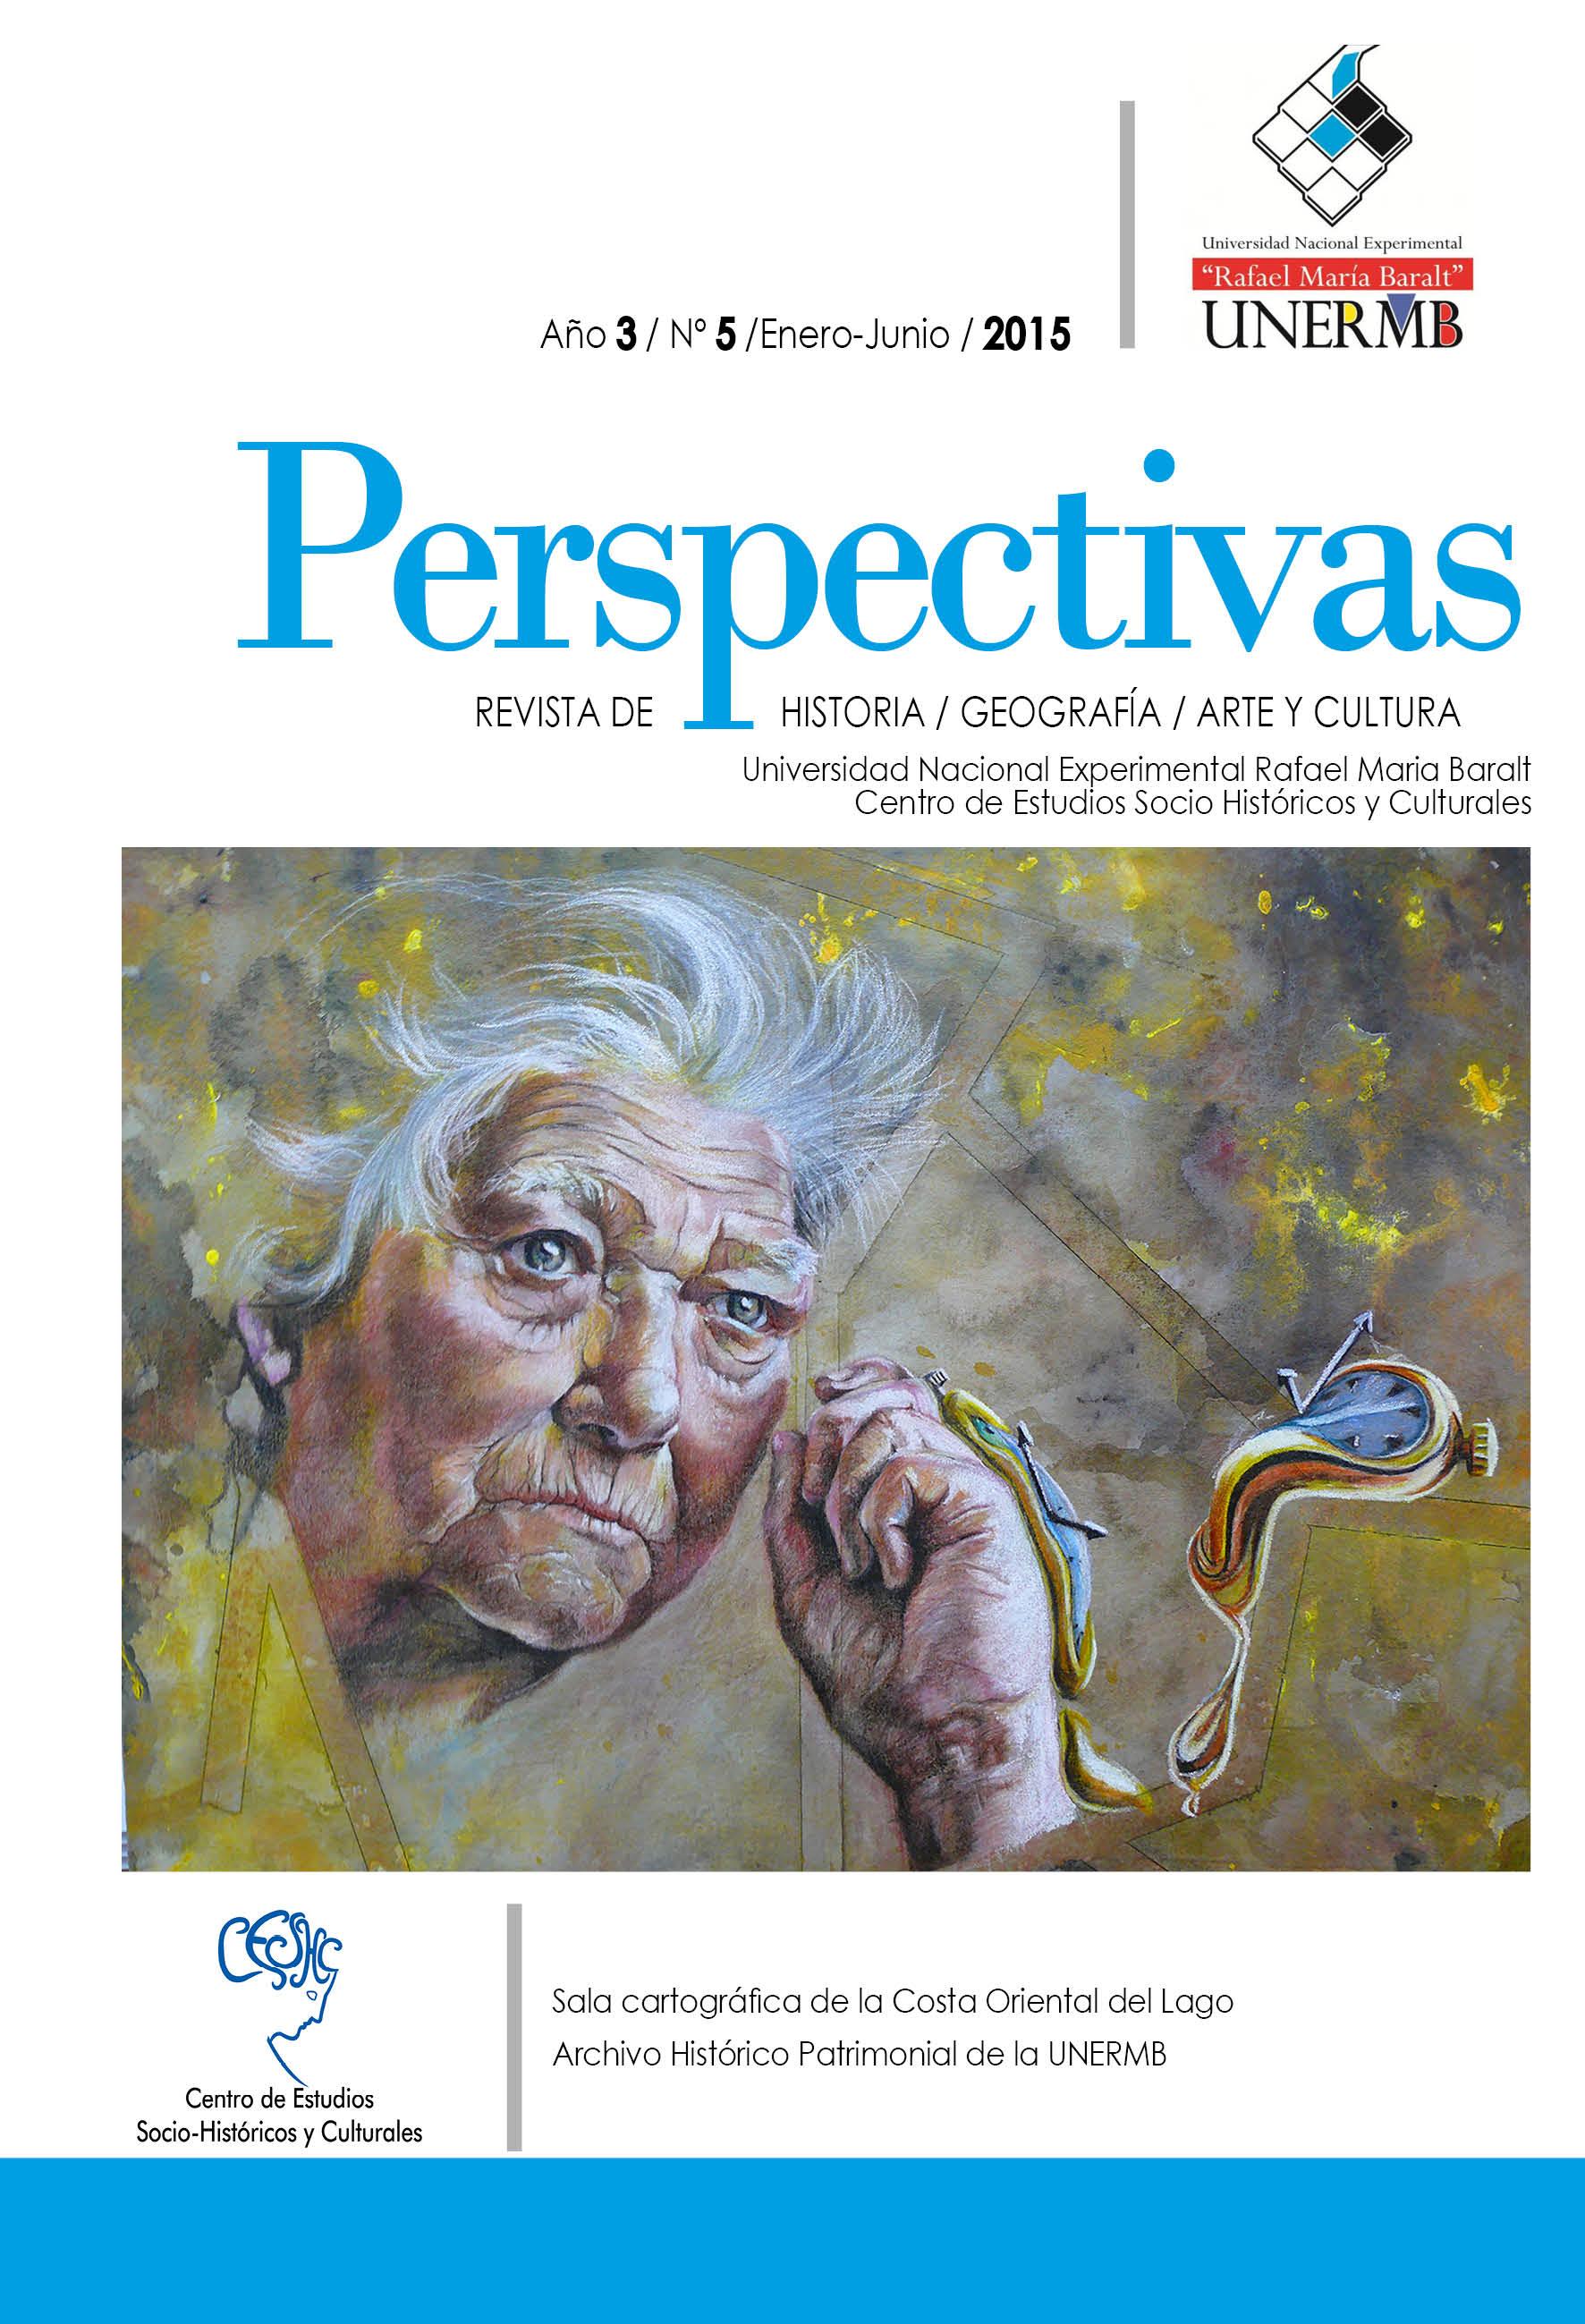 La imagen representativa en la formación de la memoria colectiva de un pueblo según la perspectiva artística de Arturo Michelena